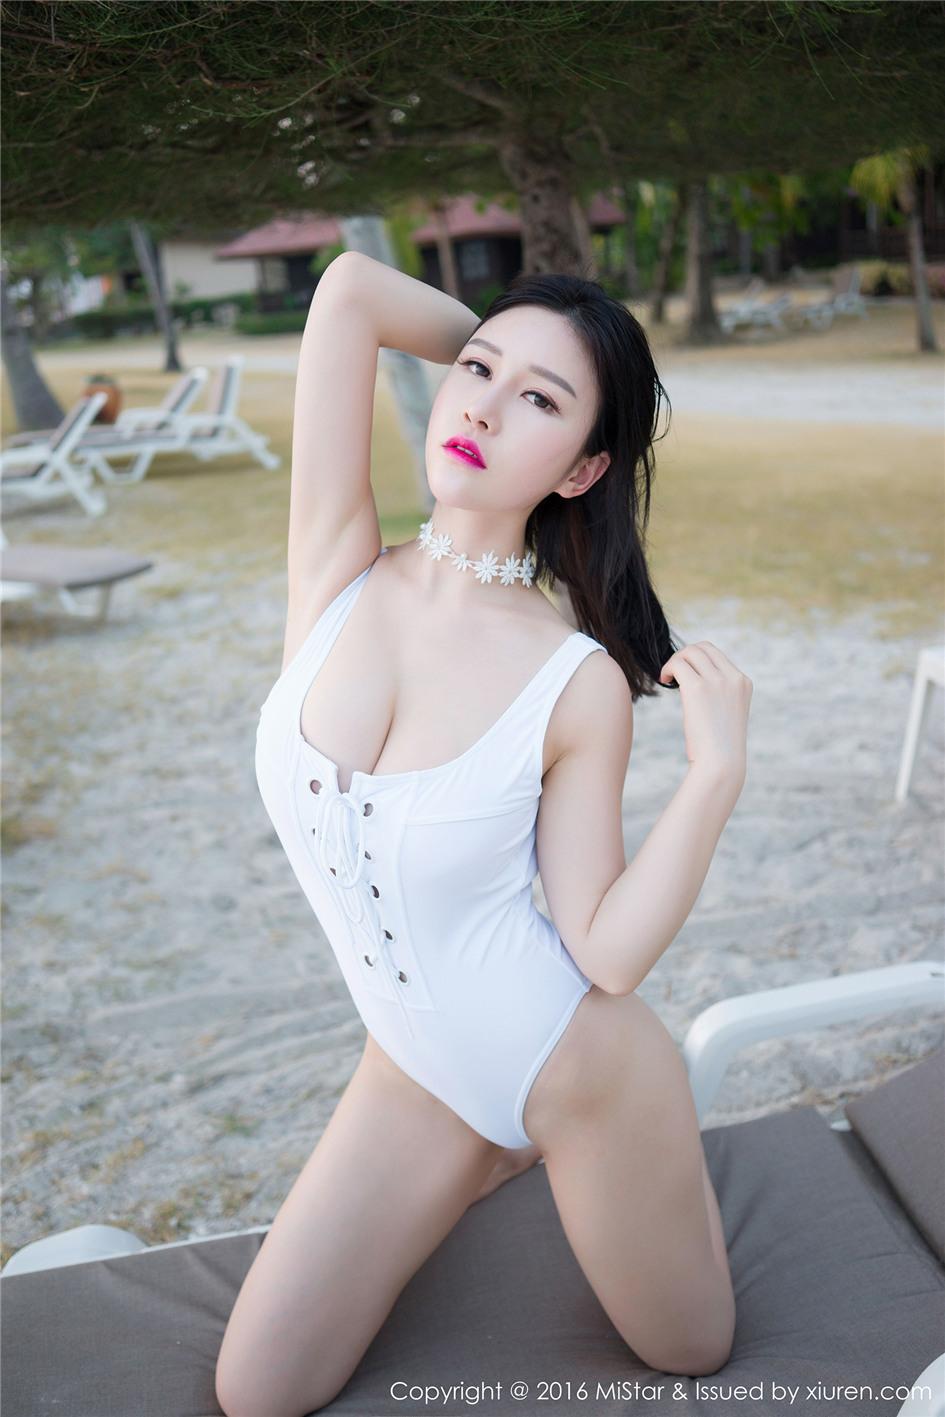 [魅妍社] 高颜值美女于姬Una旅拍清纯写真图片 Vol.0